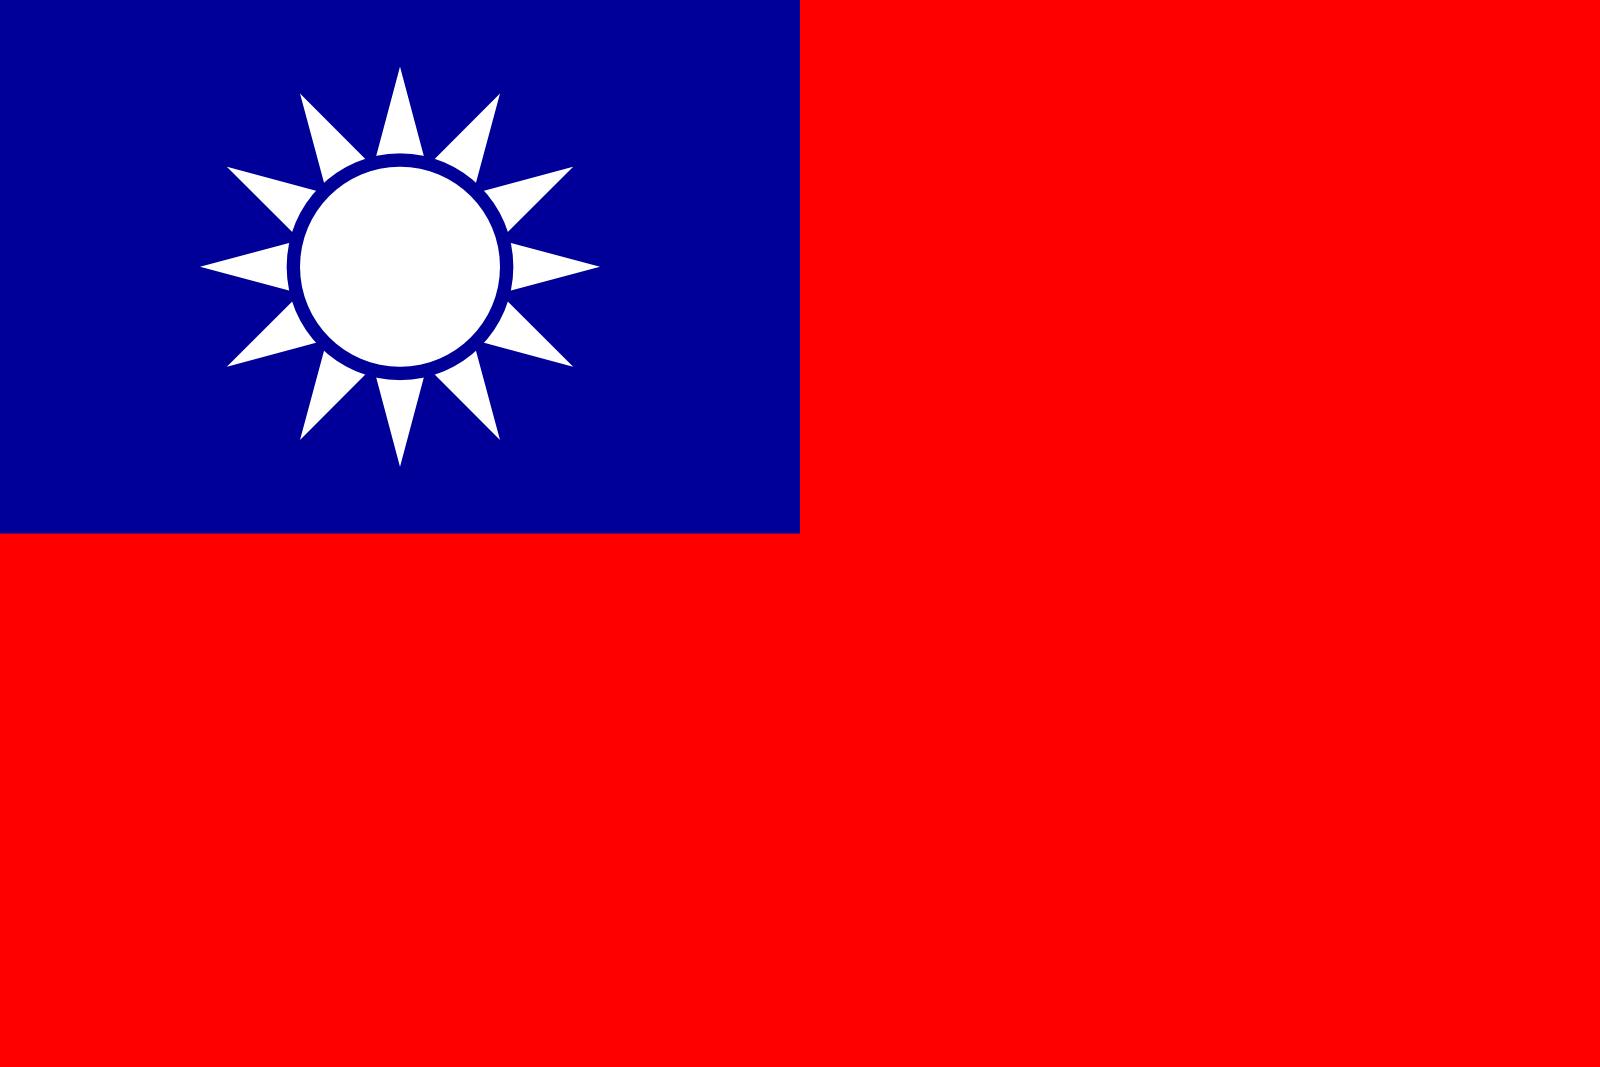 Анкета для оформления визы в Тайвань